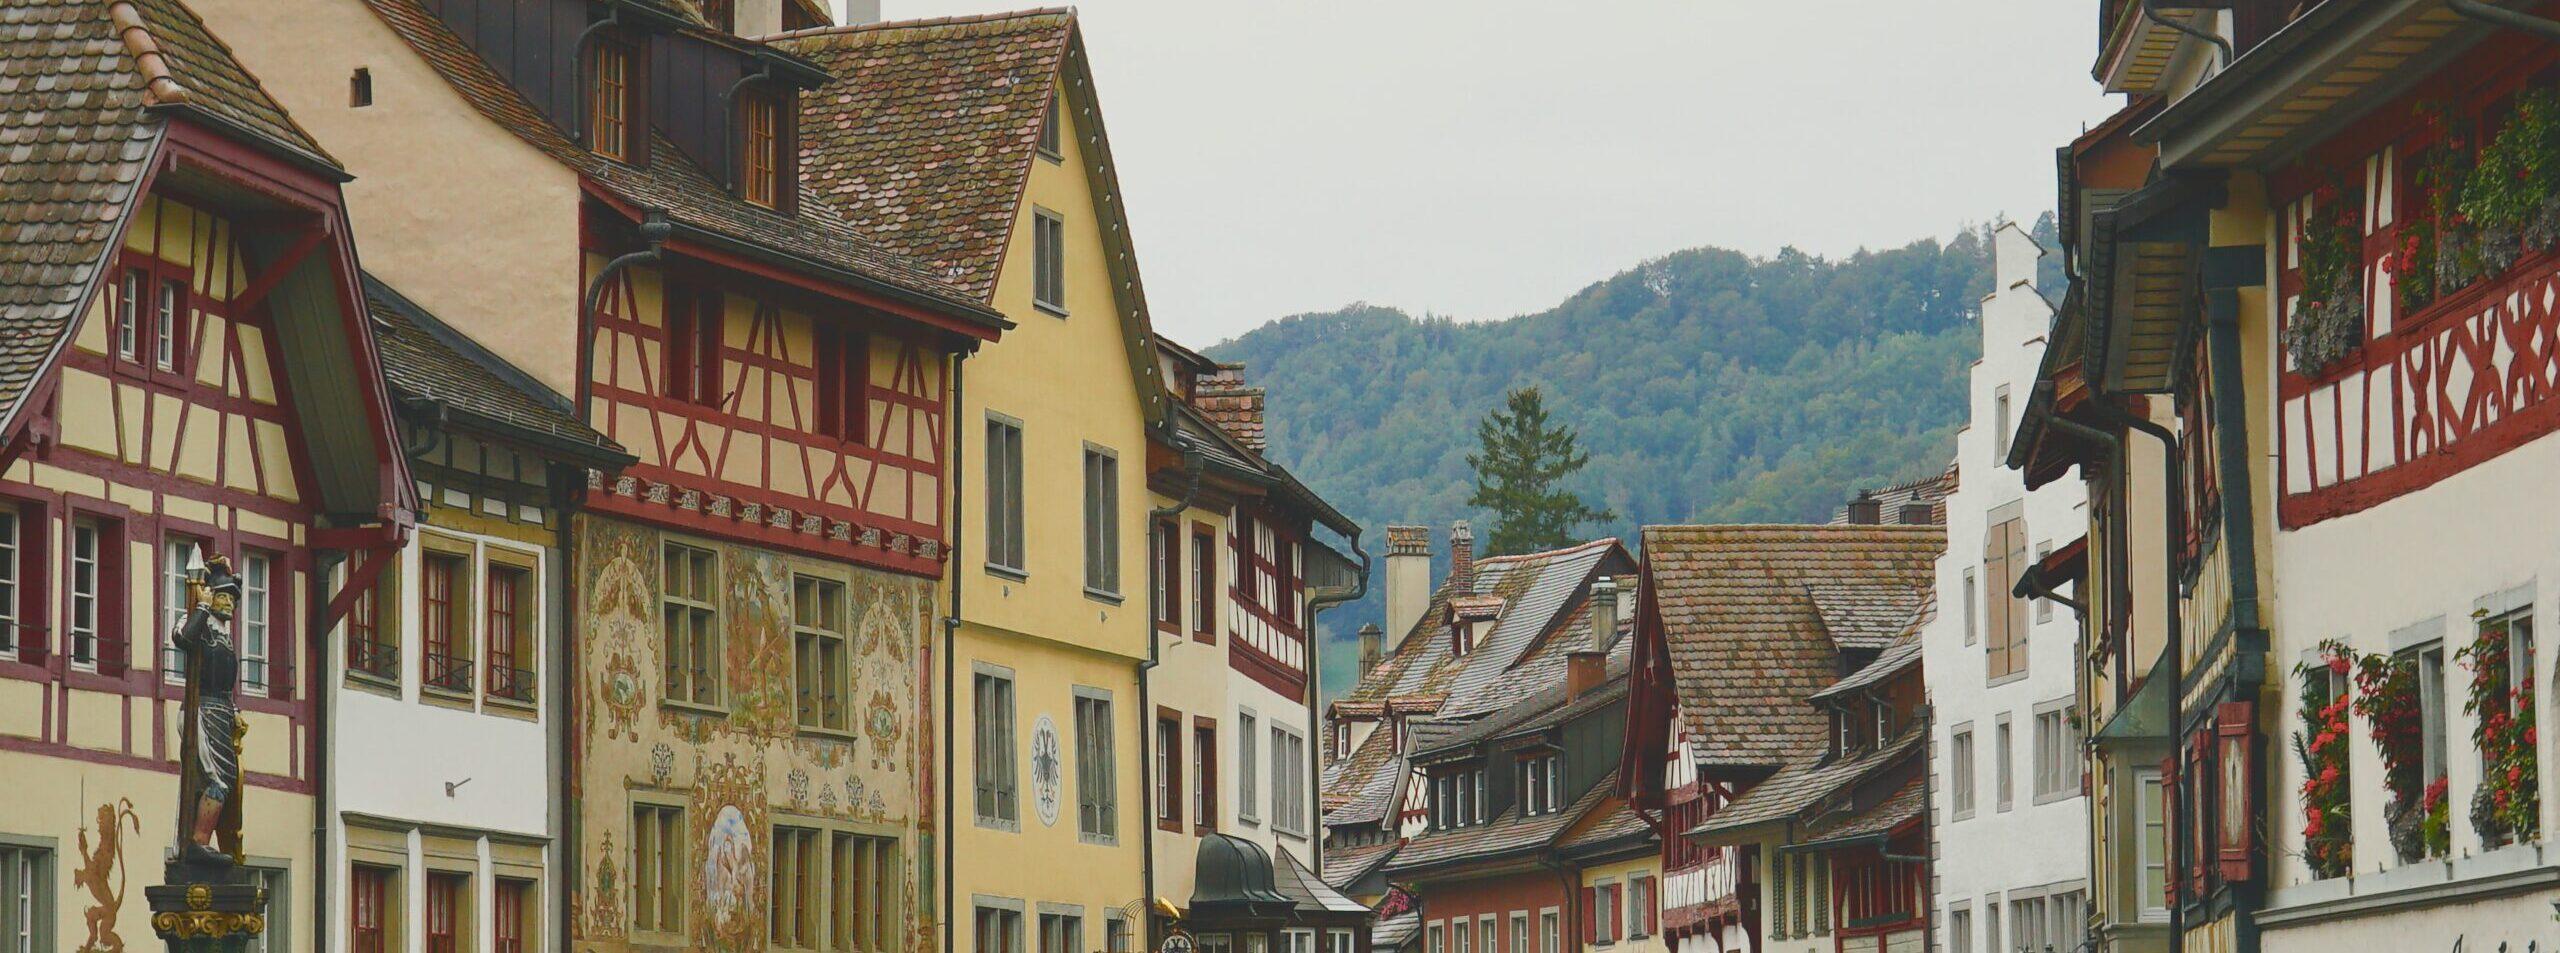 vastgoed in Duitsland als belegging